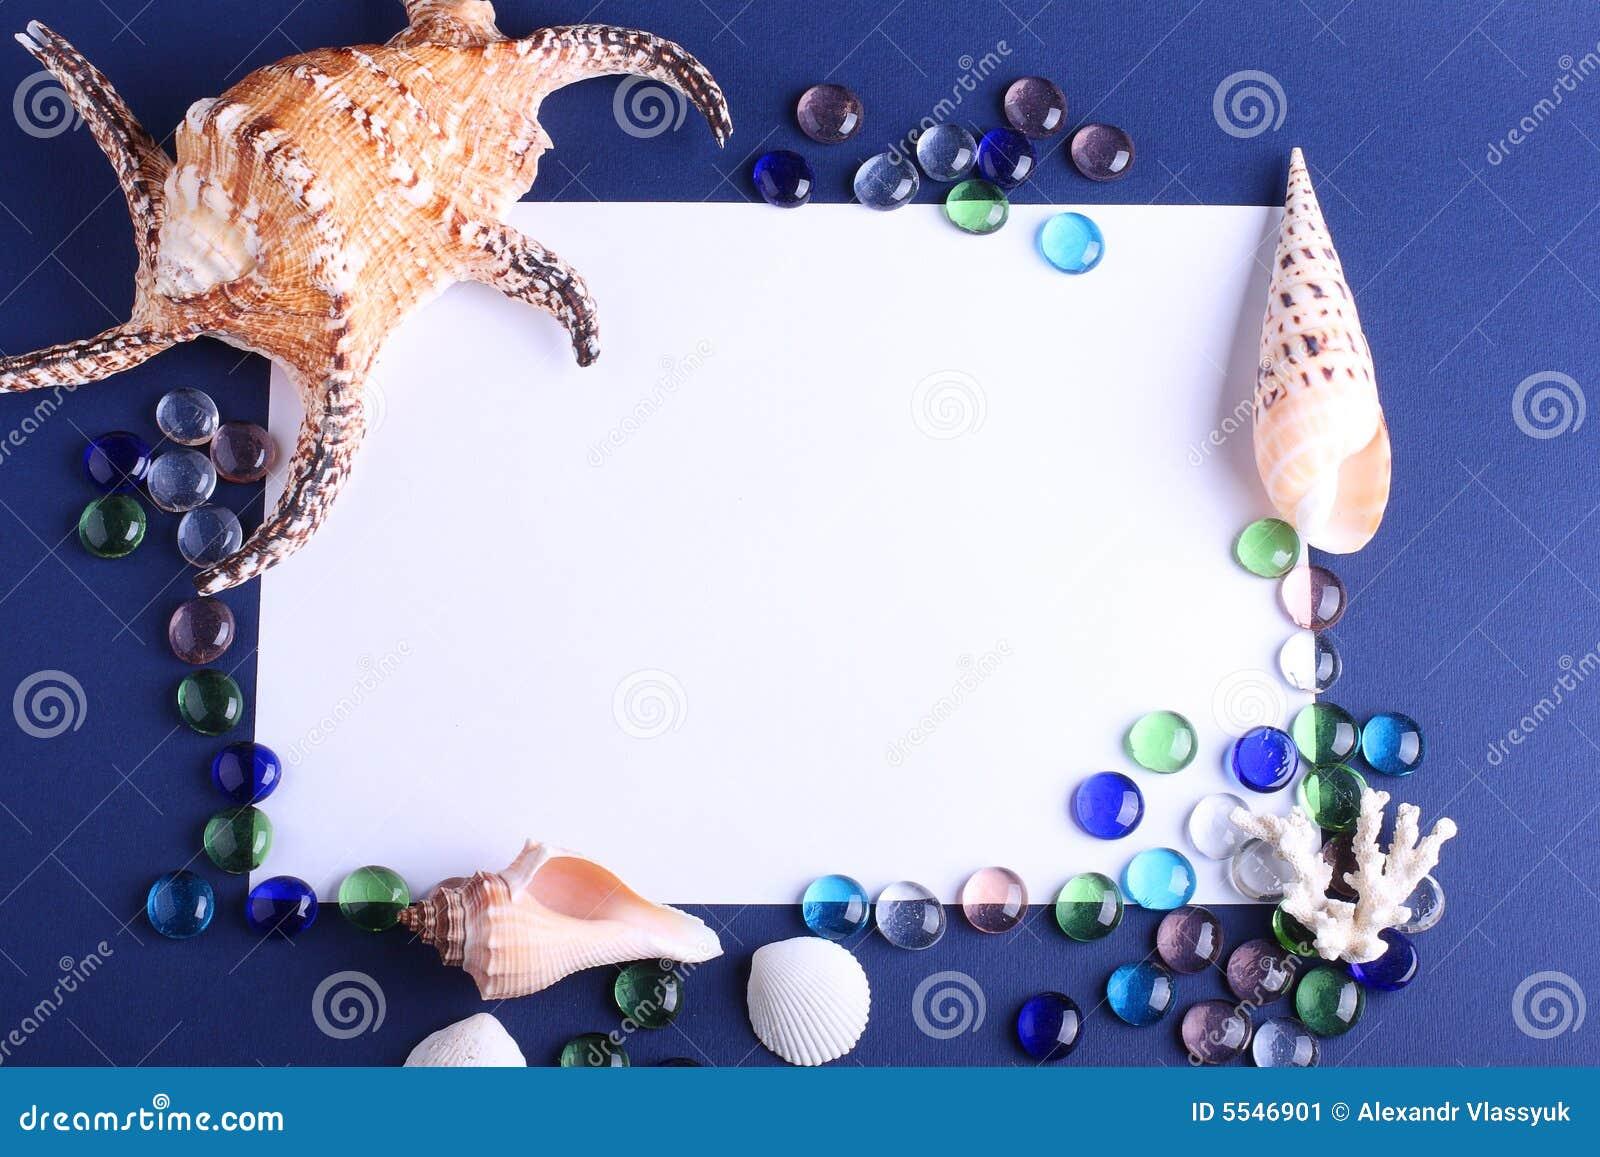 Conchas de berberecho